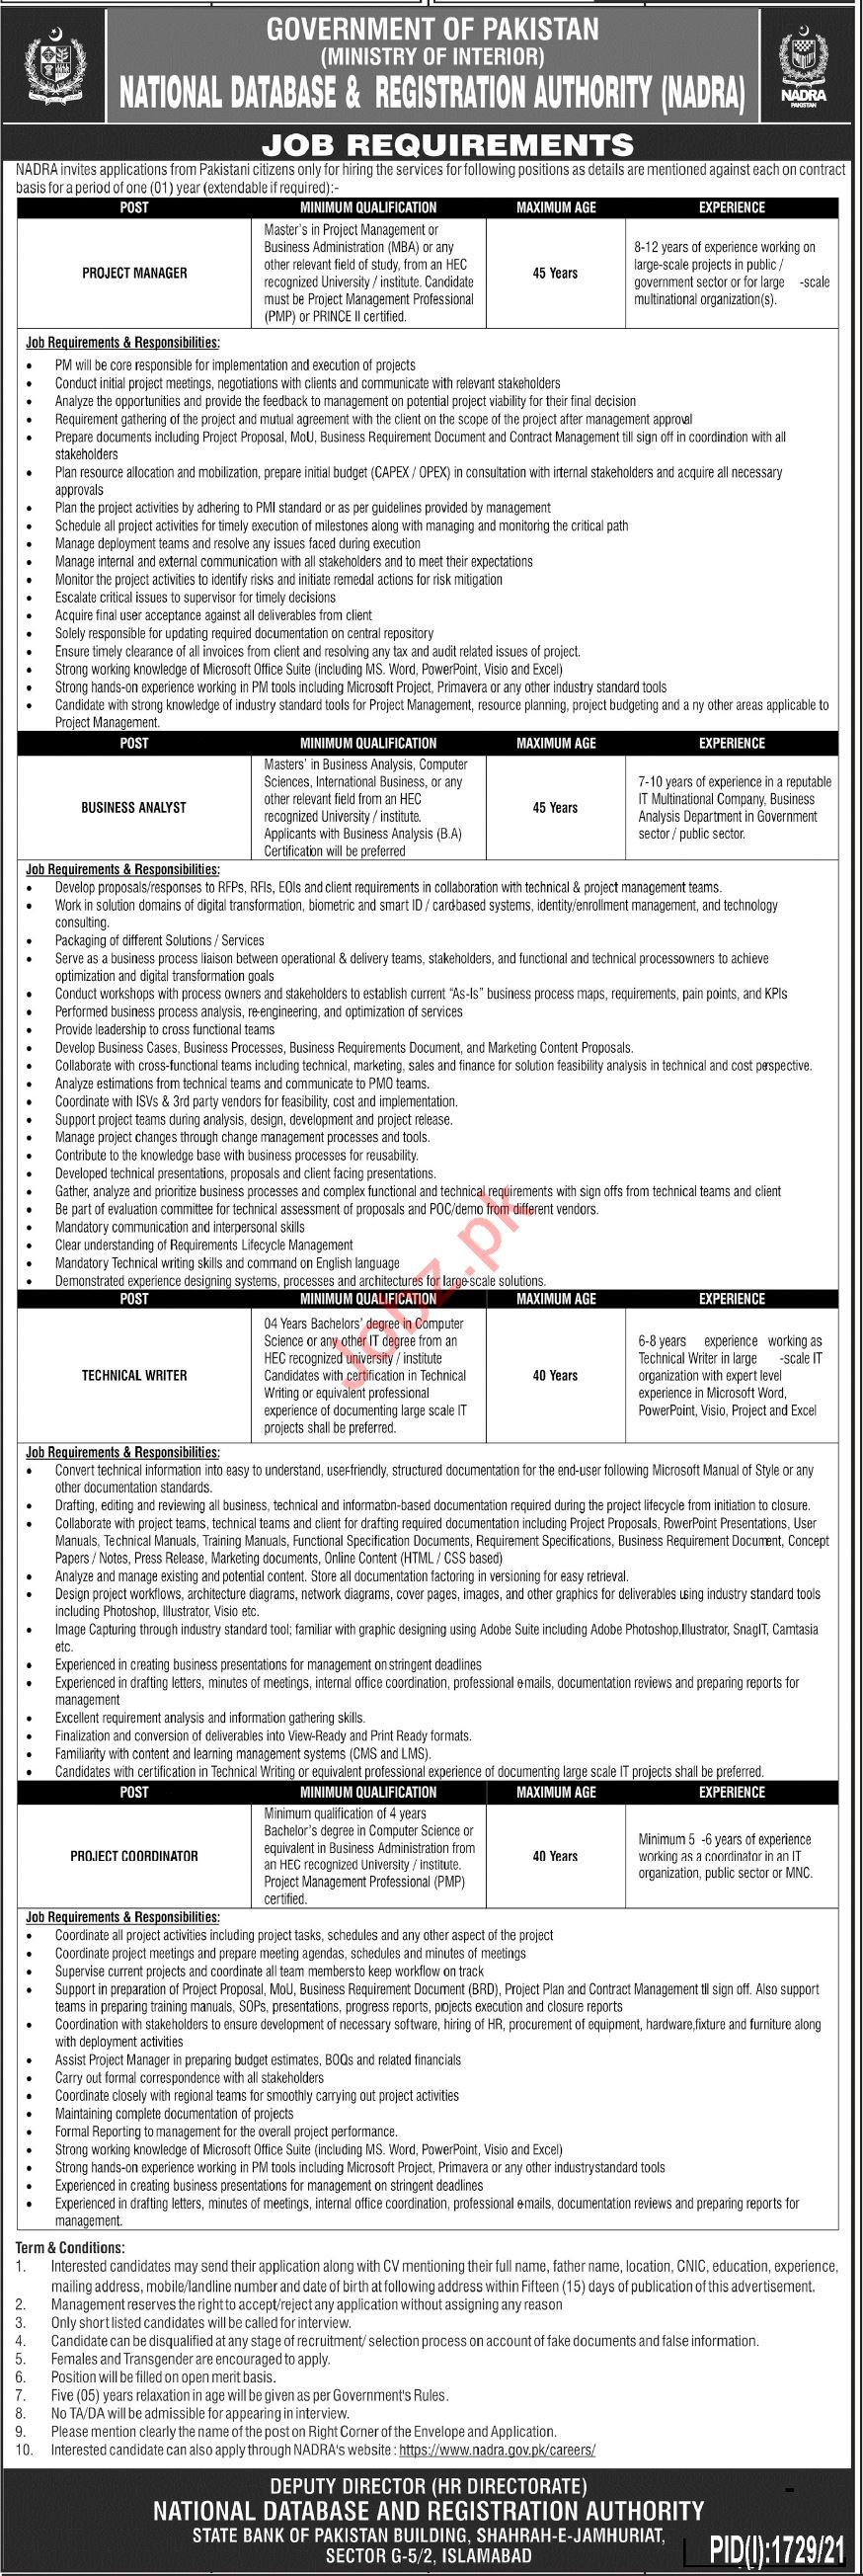 NADRA Jobs 2021 in Islamabad